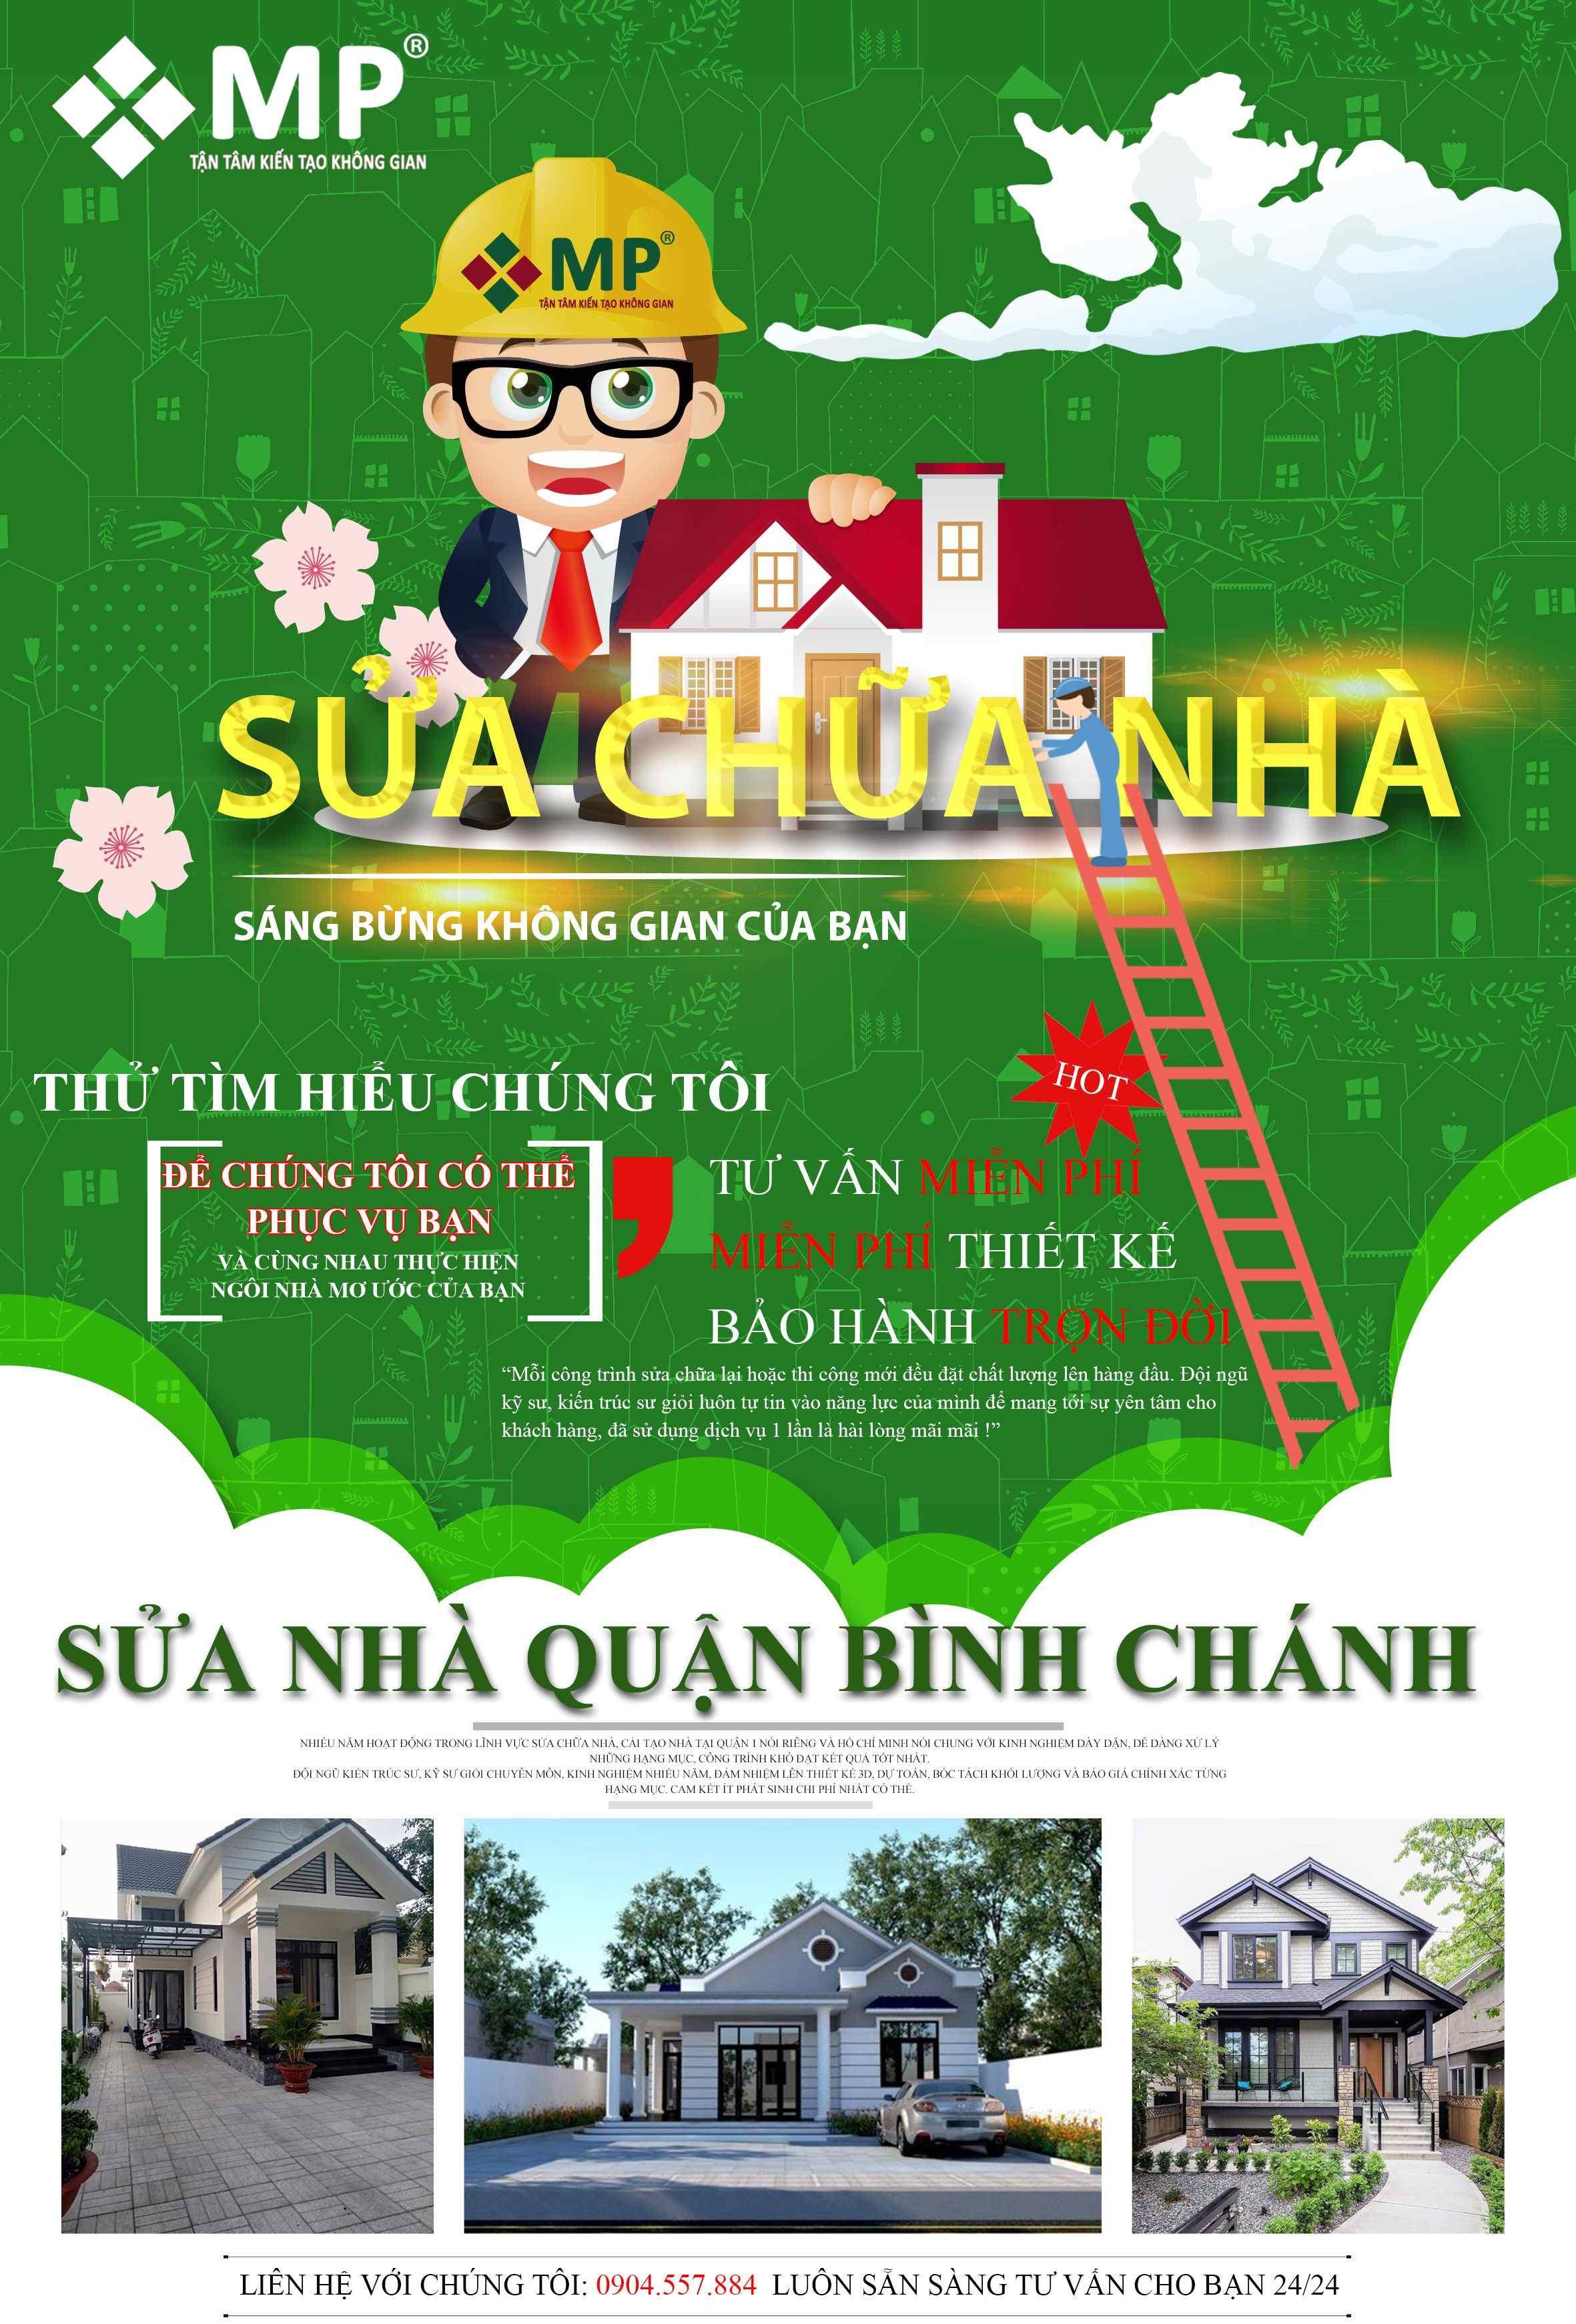 Công ty sửa chữa nhà huyện Bình Chánh